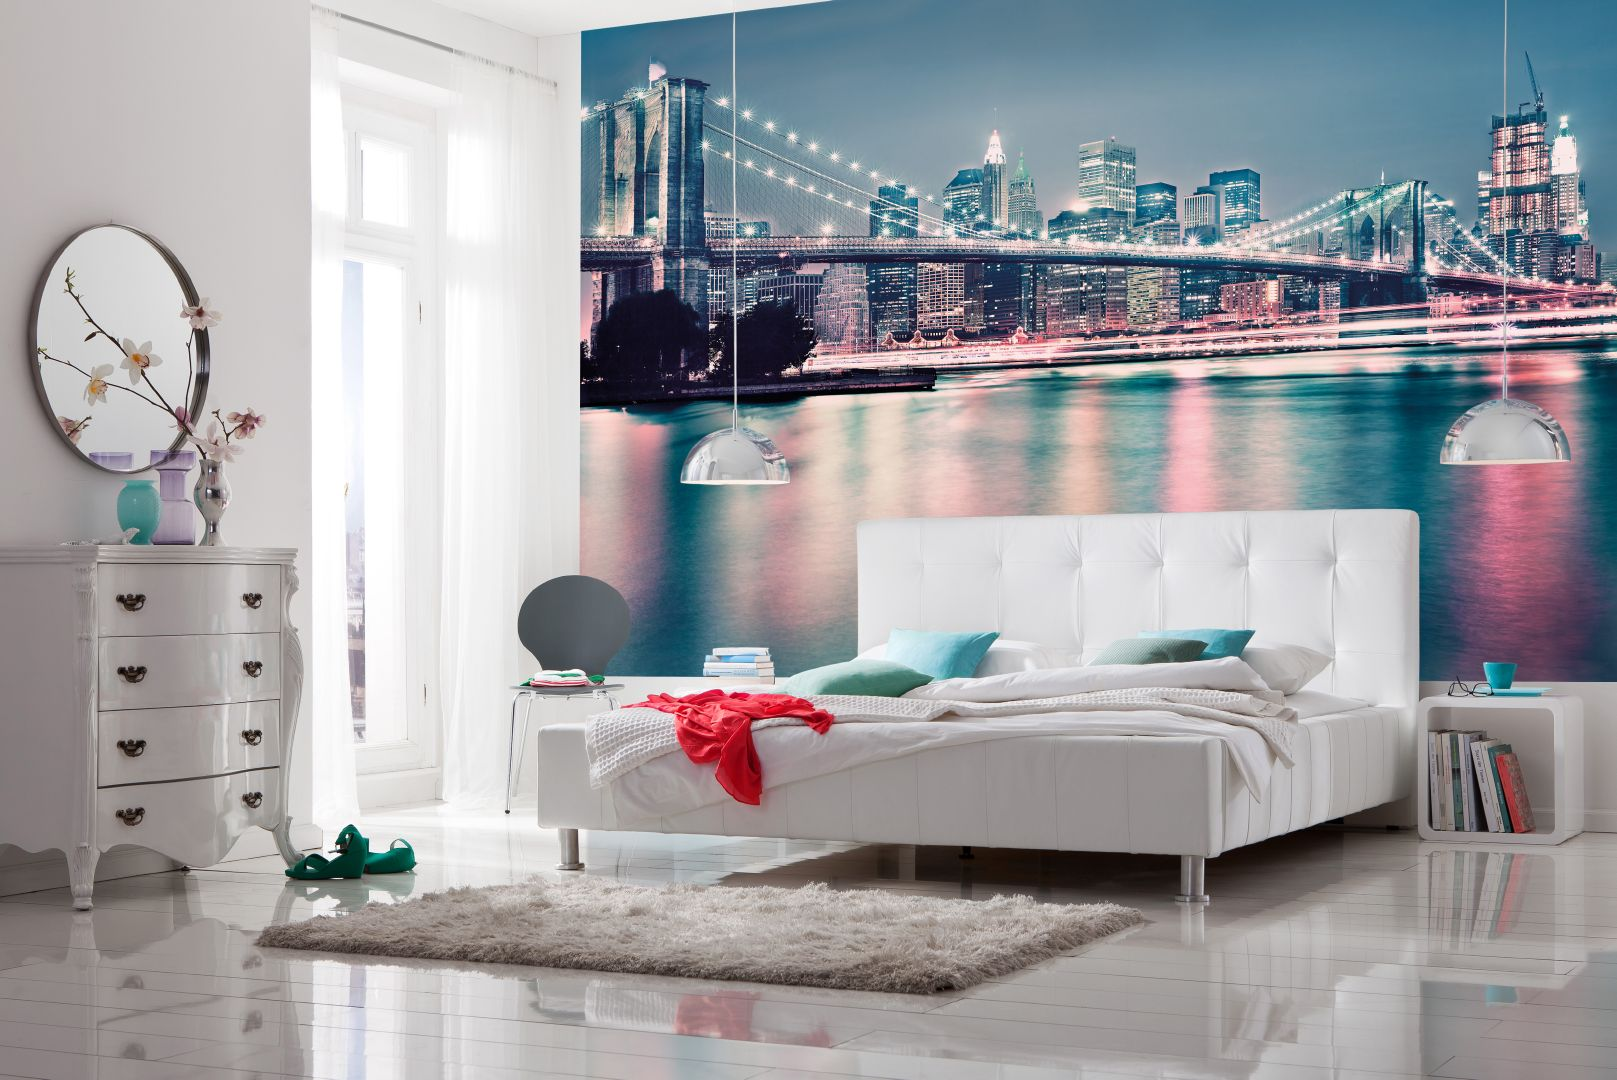 фотообои над кроватью ночной город